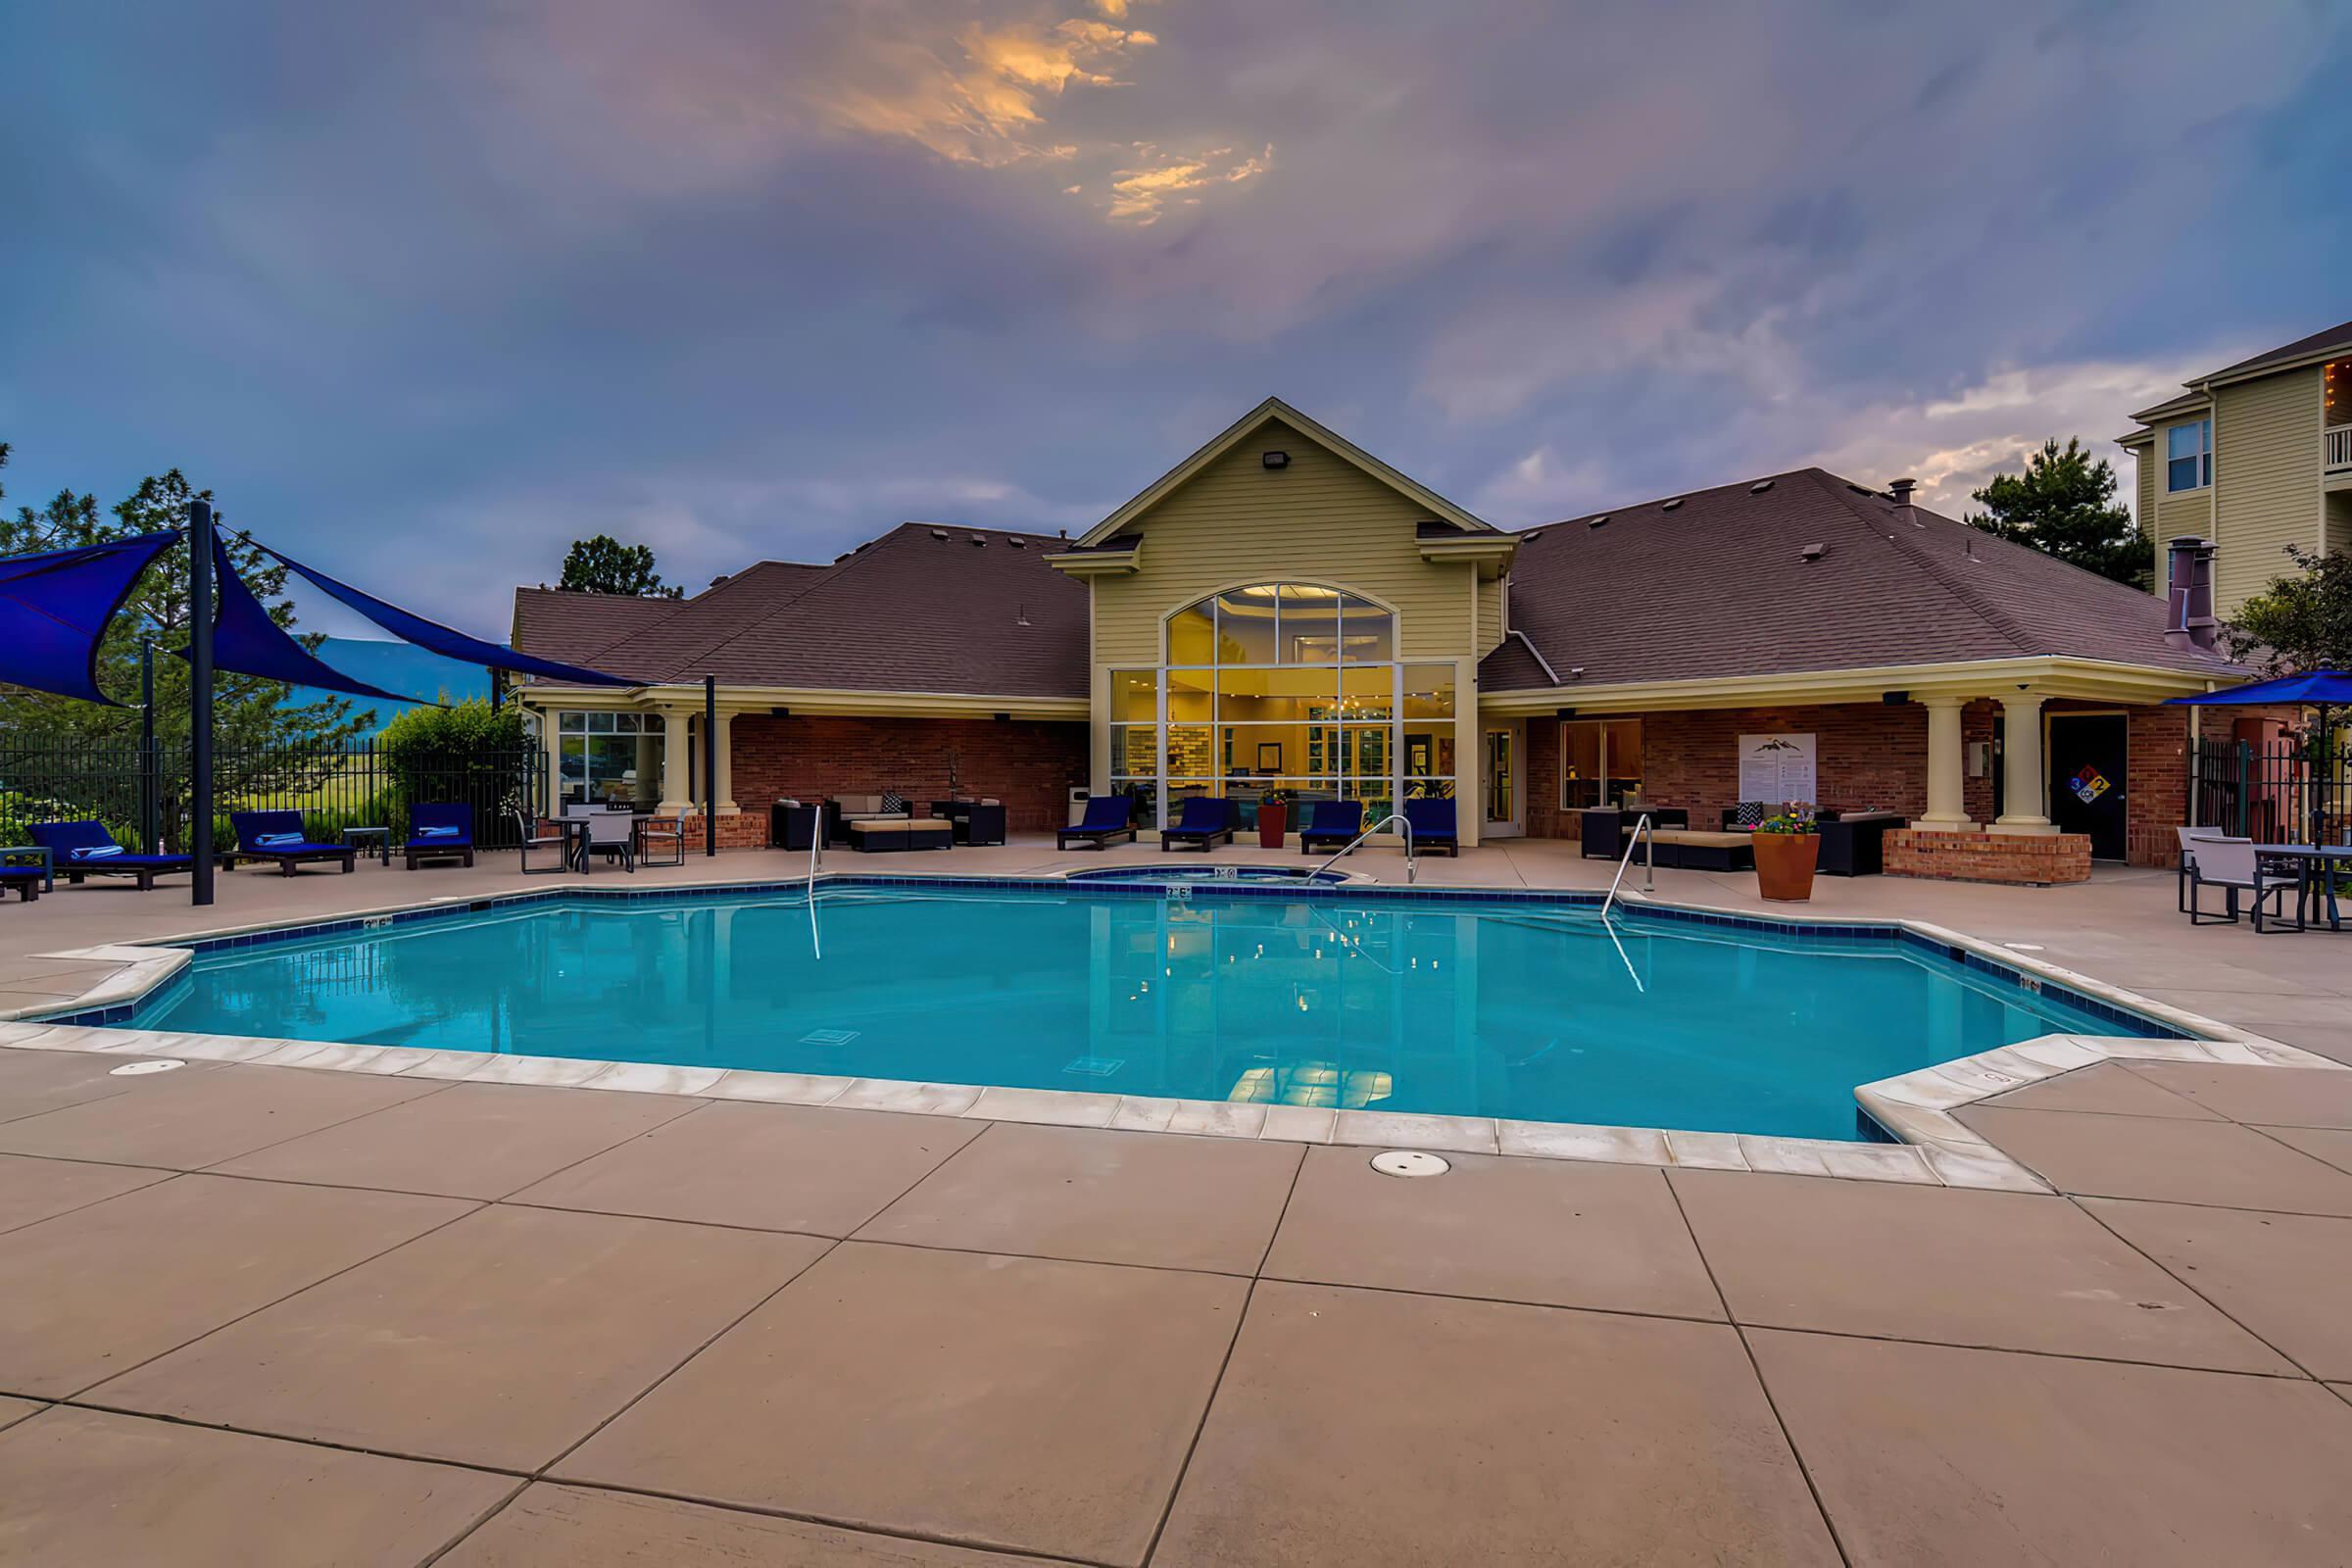 13631 Shepard Hts Colorado Springs CO - Web Quality - 039 - 50 Pool.jpg